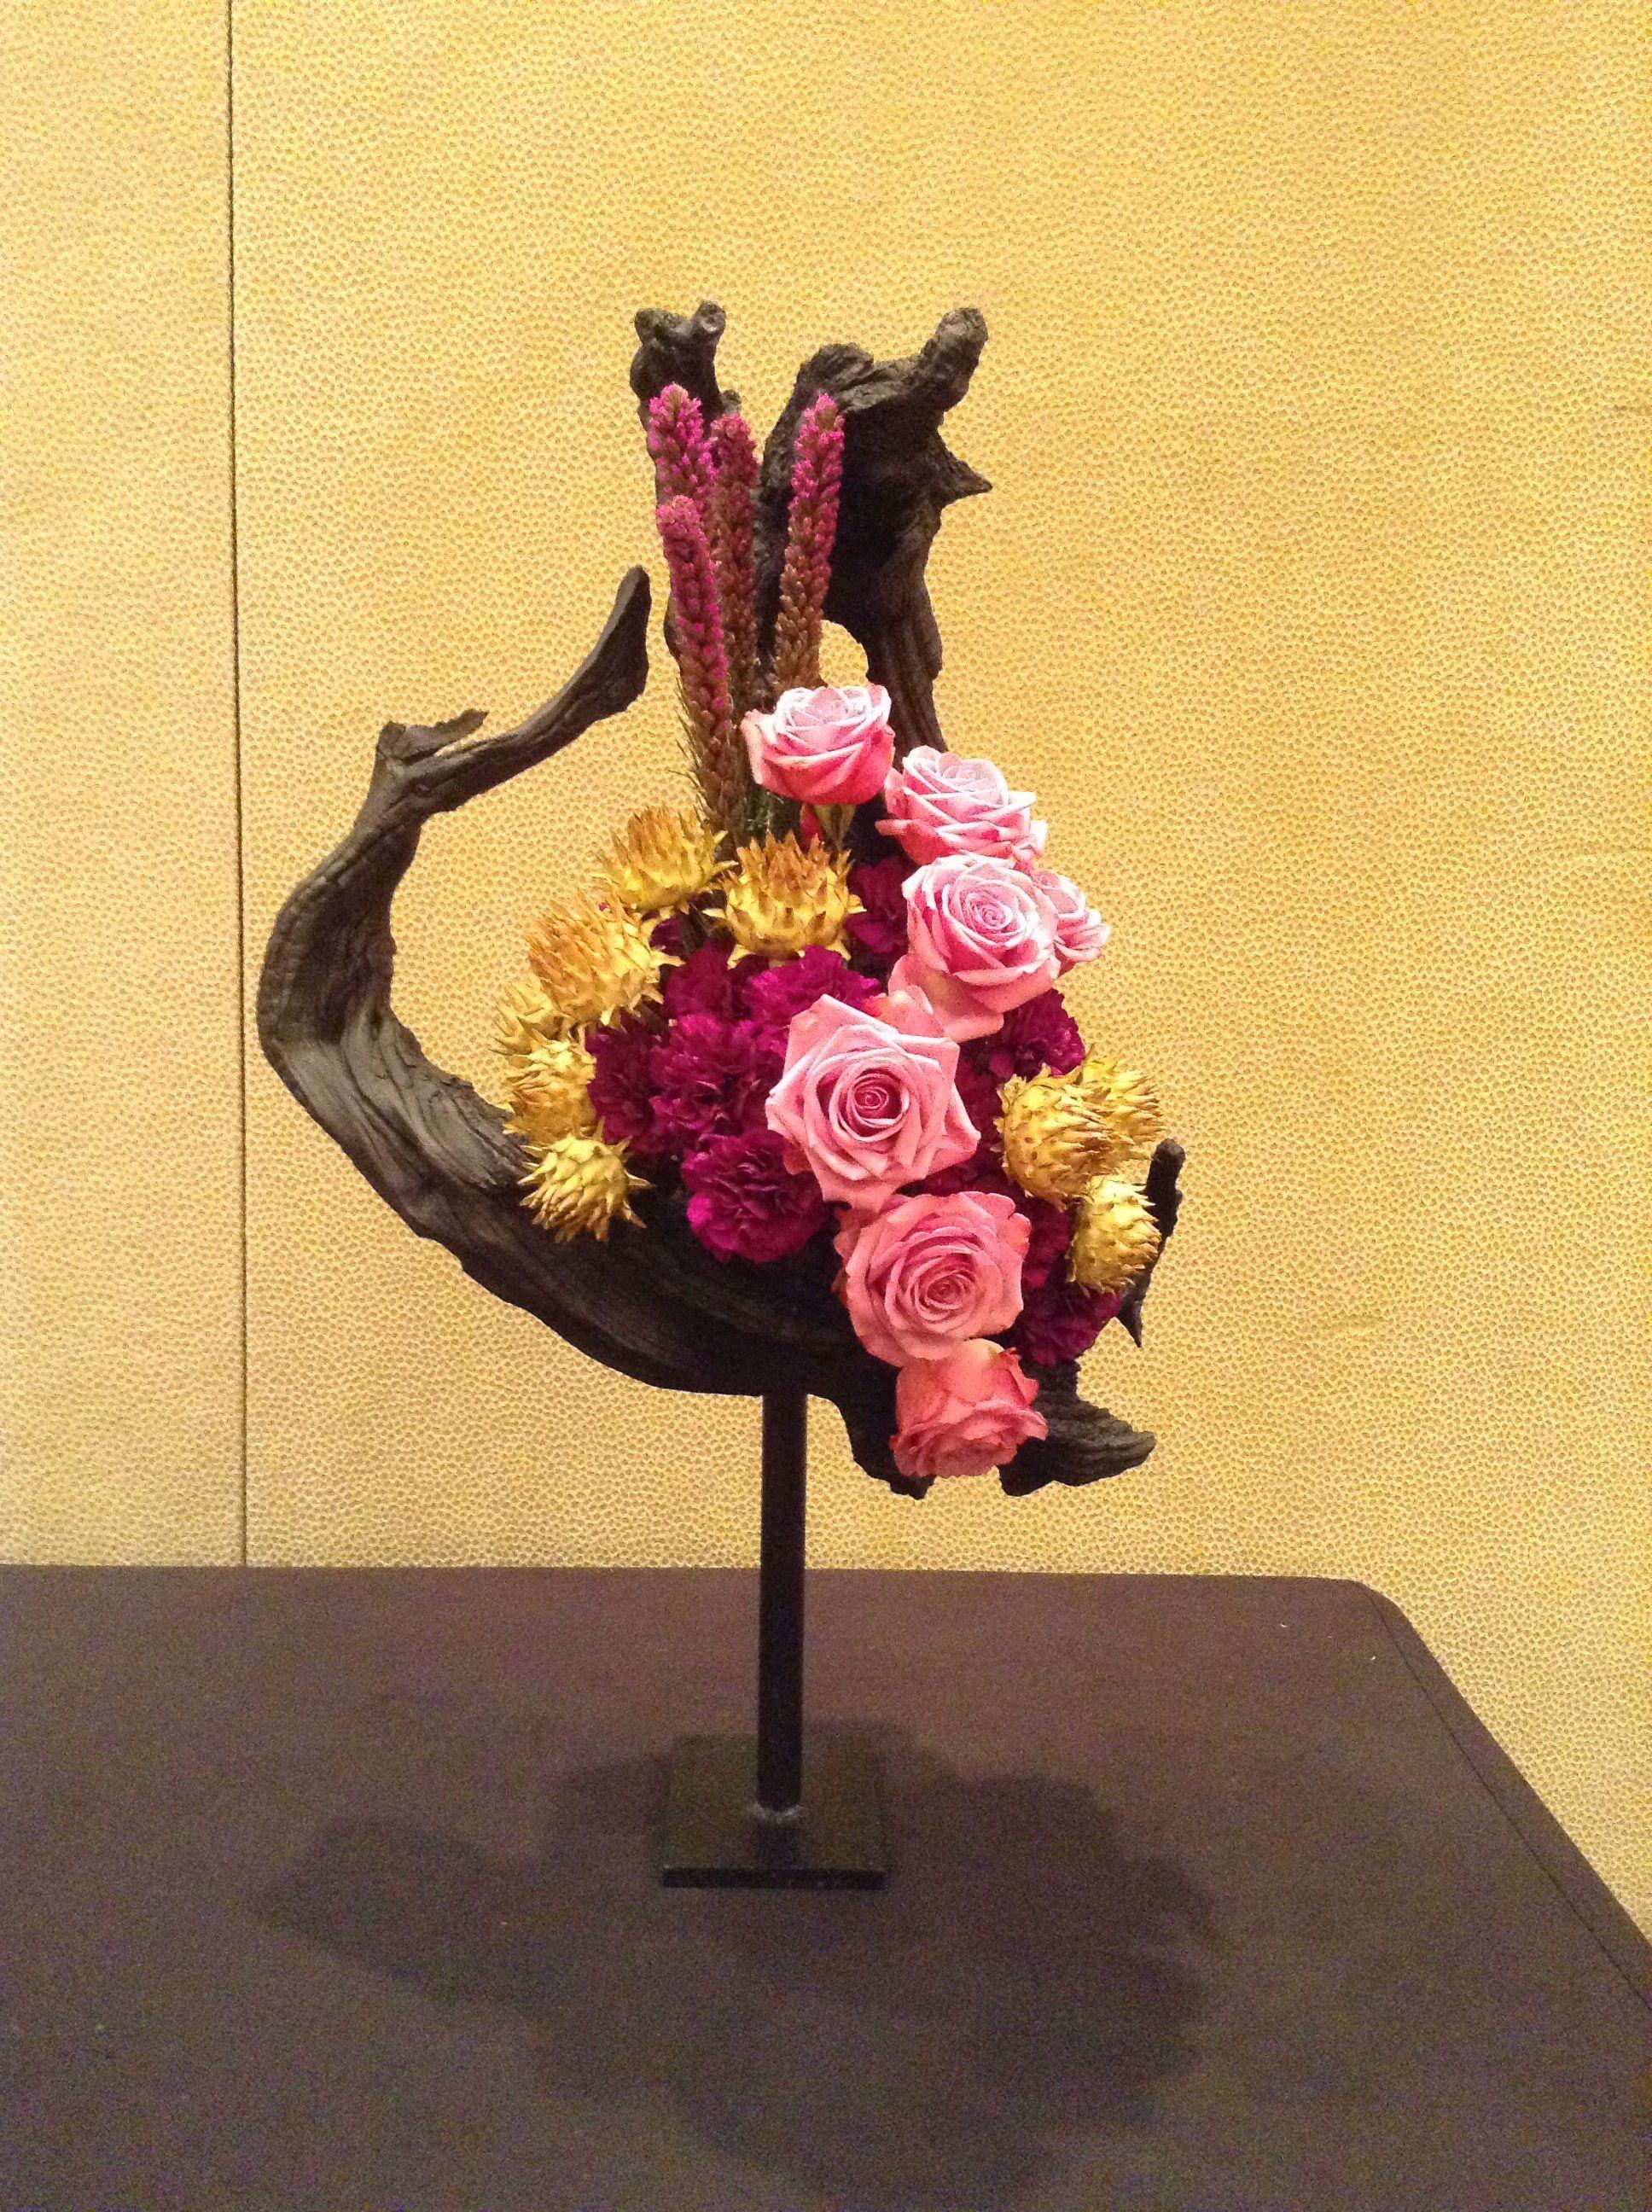 Image Result For Atlanta Flower Garden